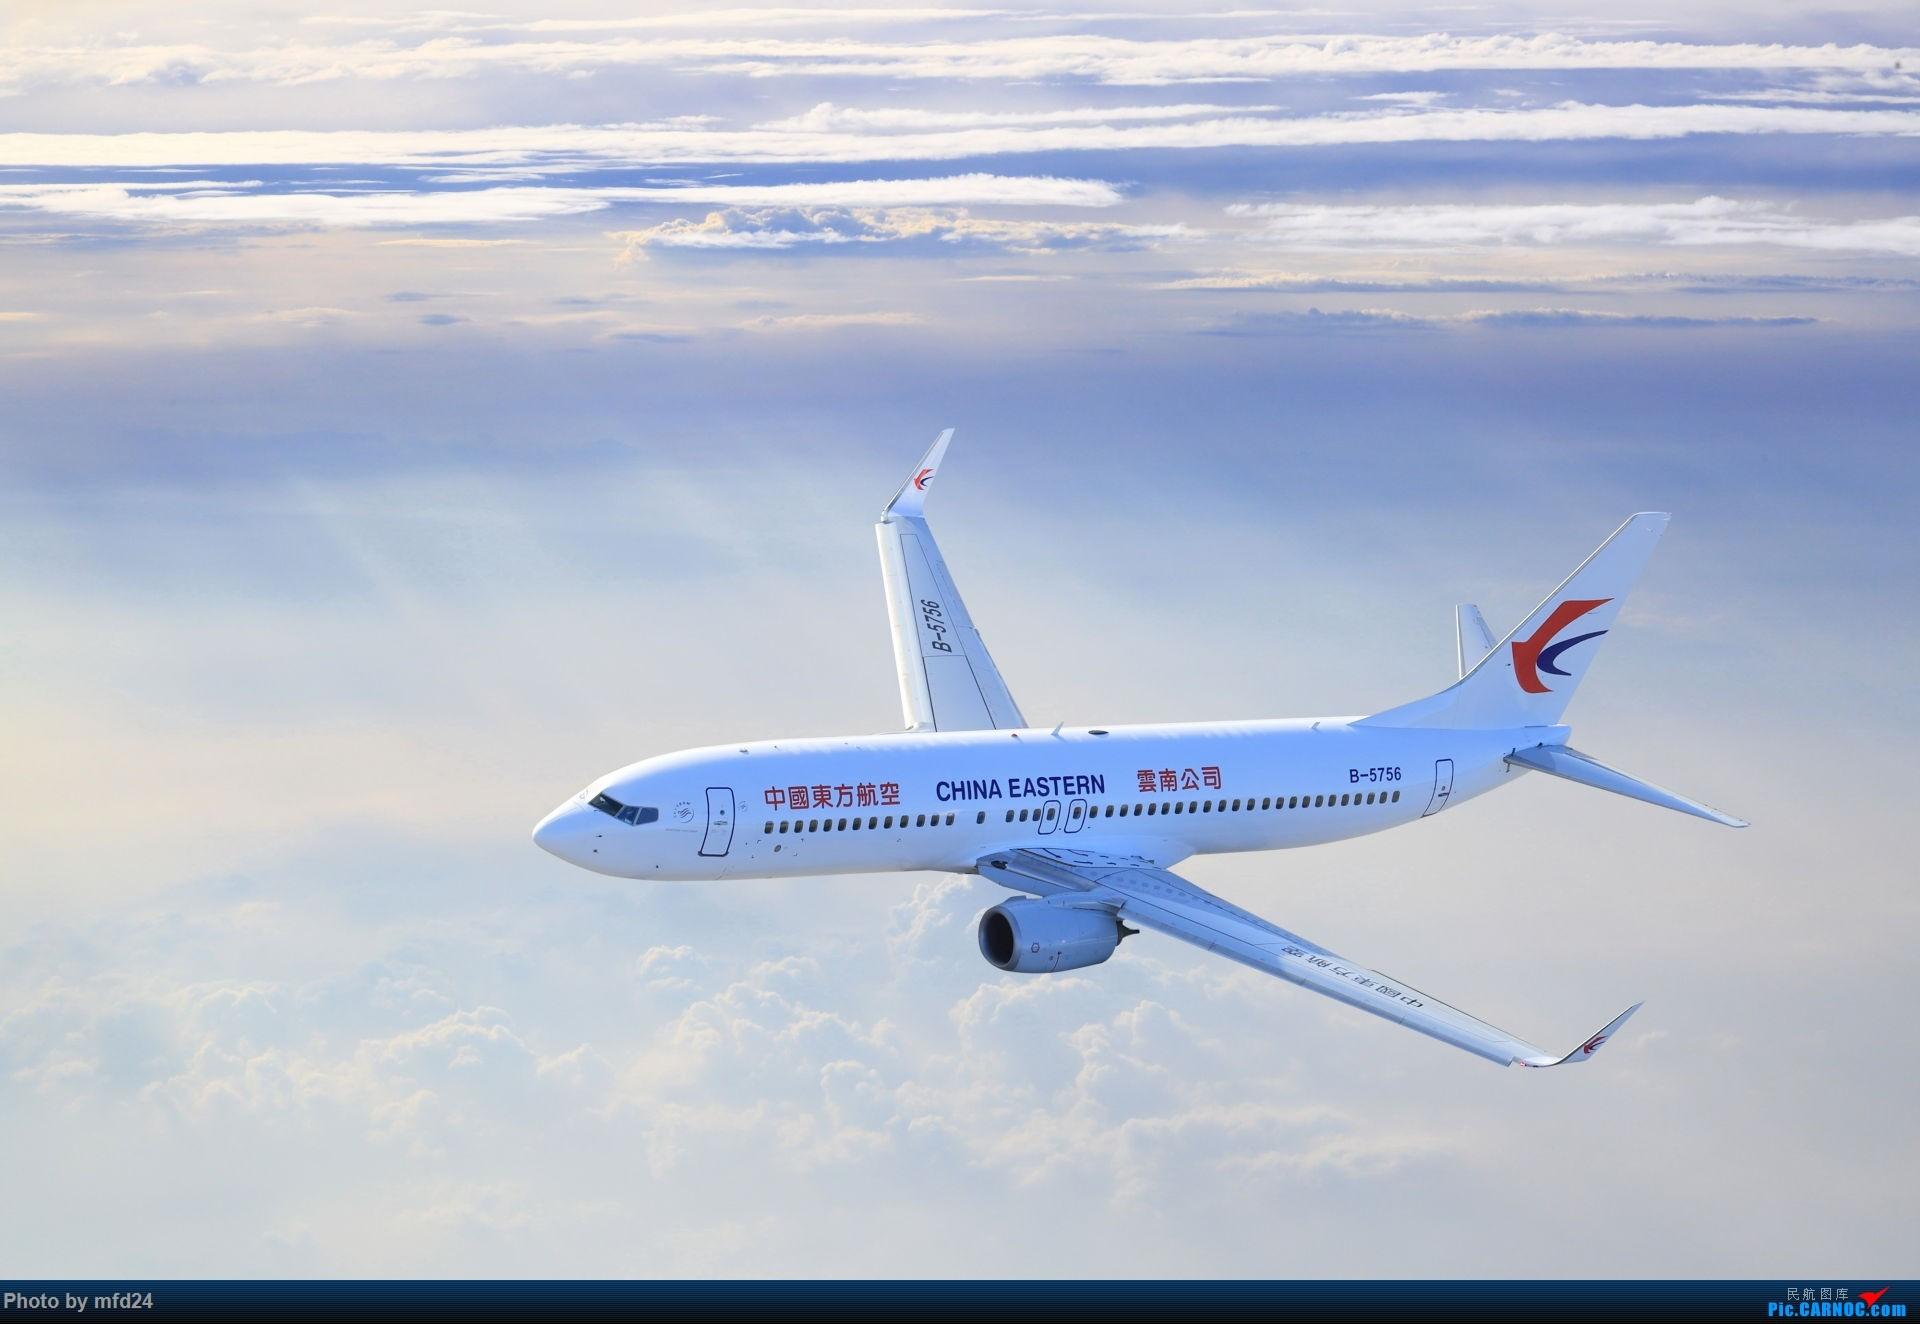 [原创]来组高大上的空中航空摄影 BOEING 737-700  空中